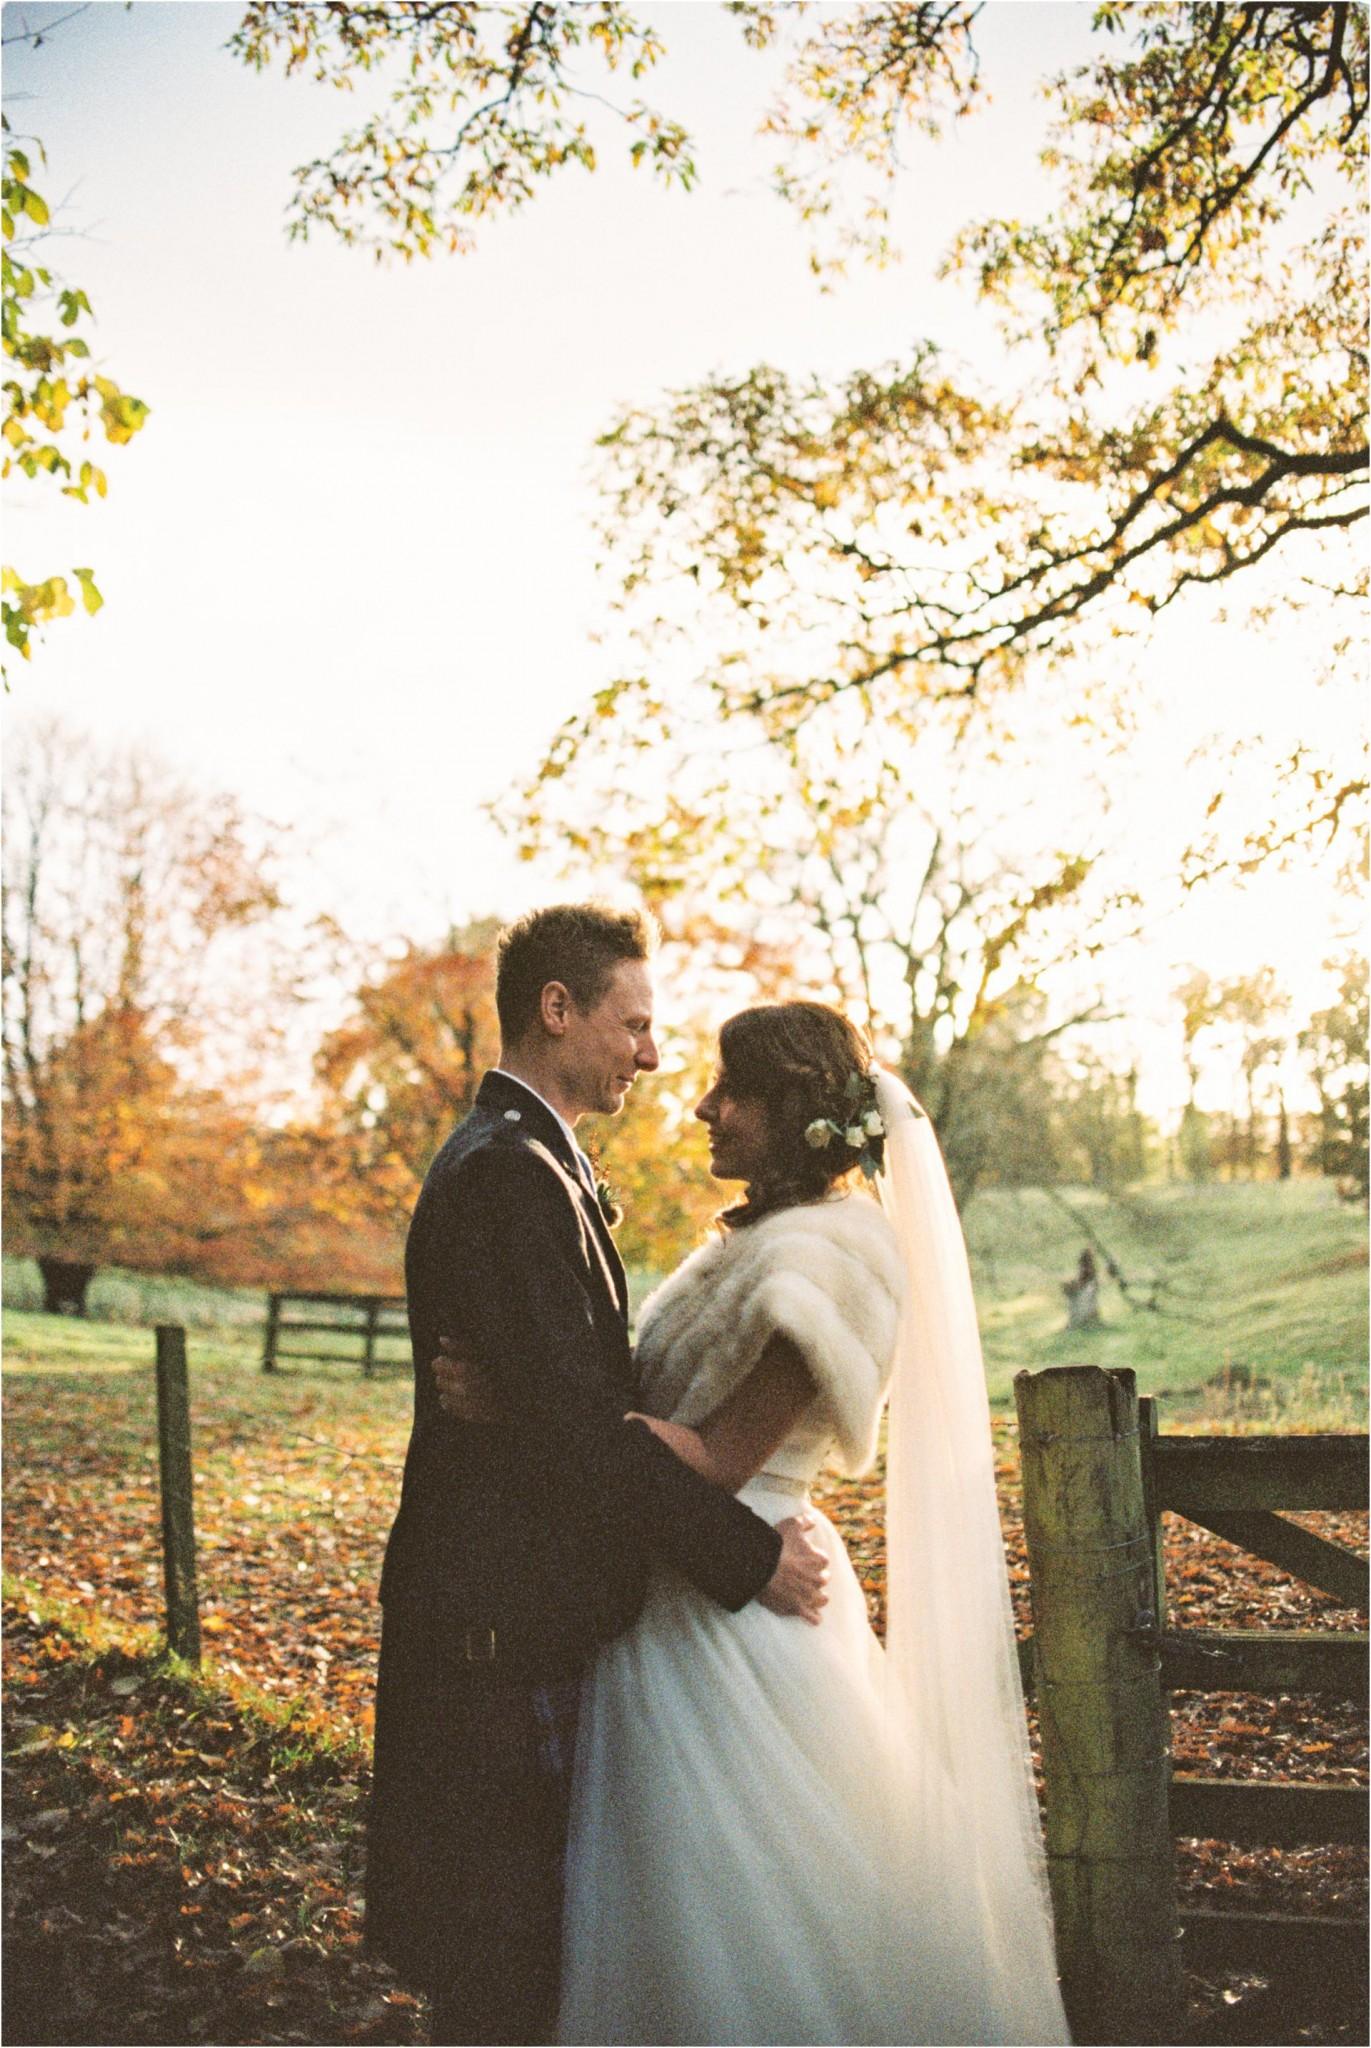 weddingsonfilmphotosbyzoe5